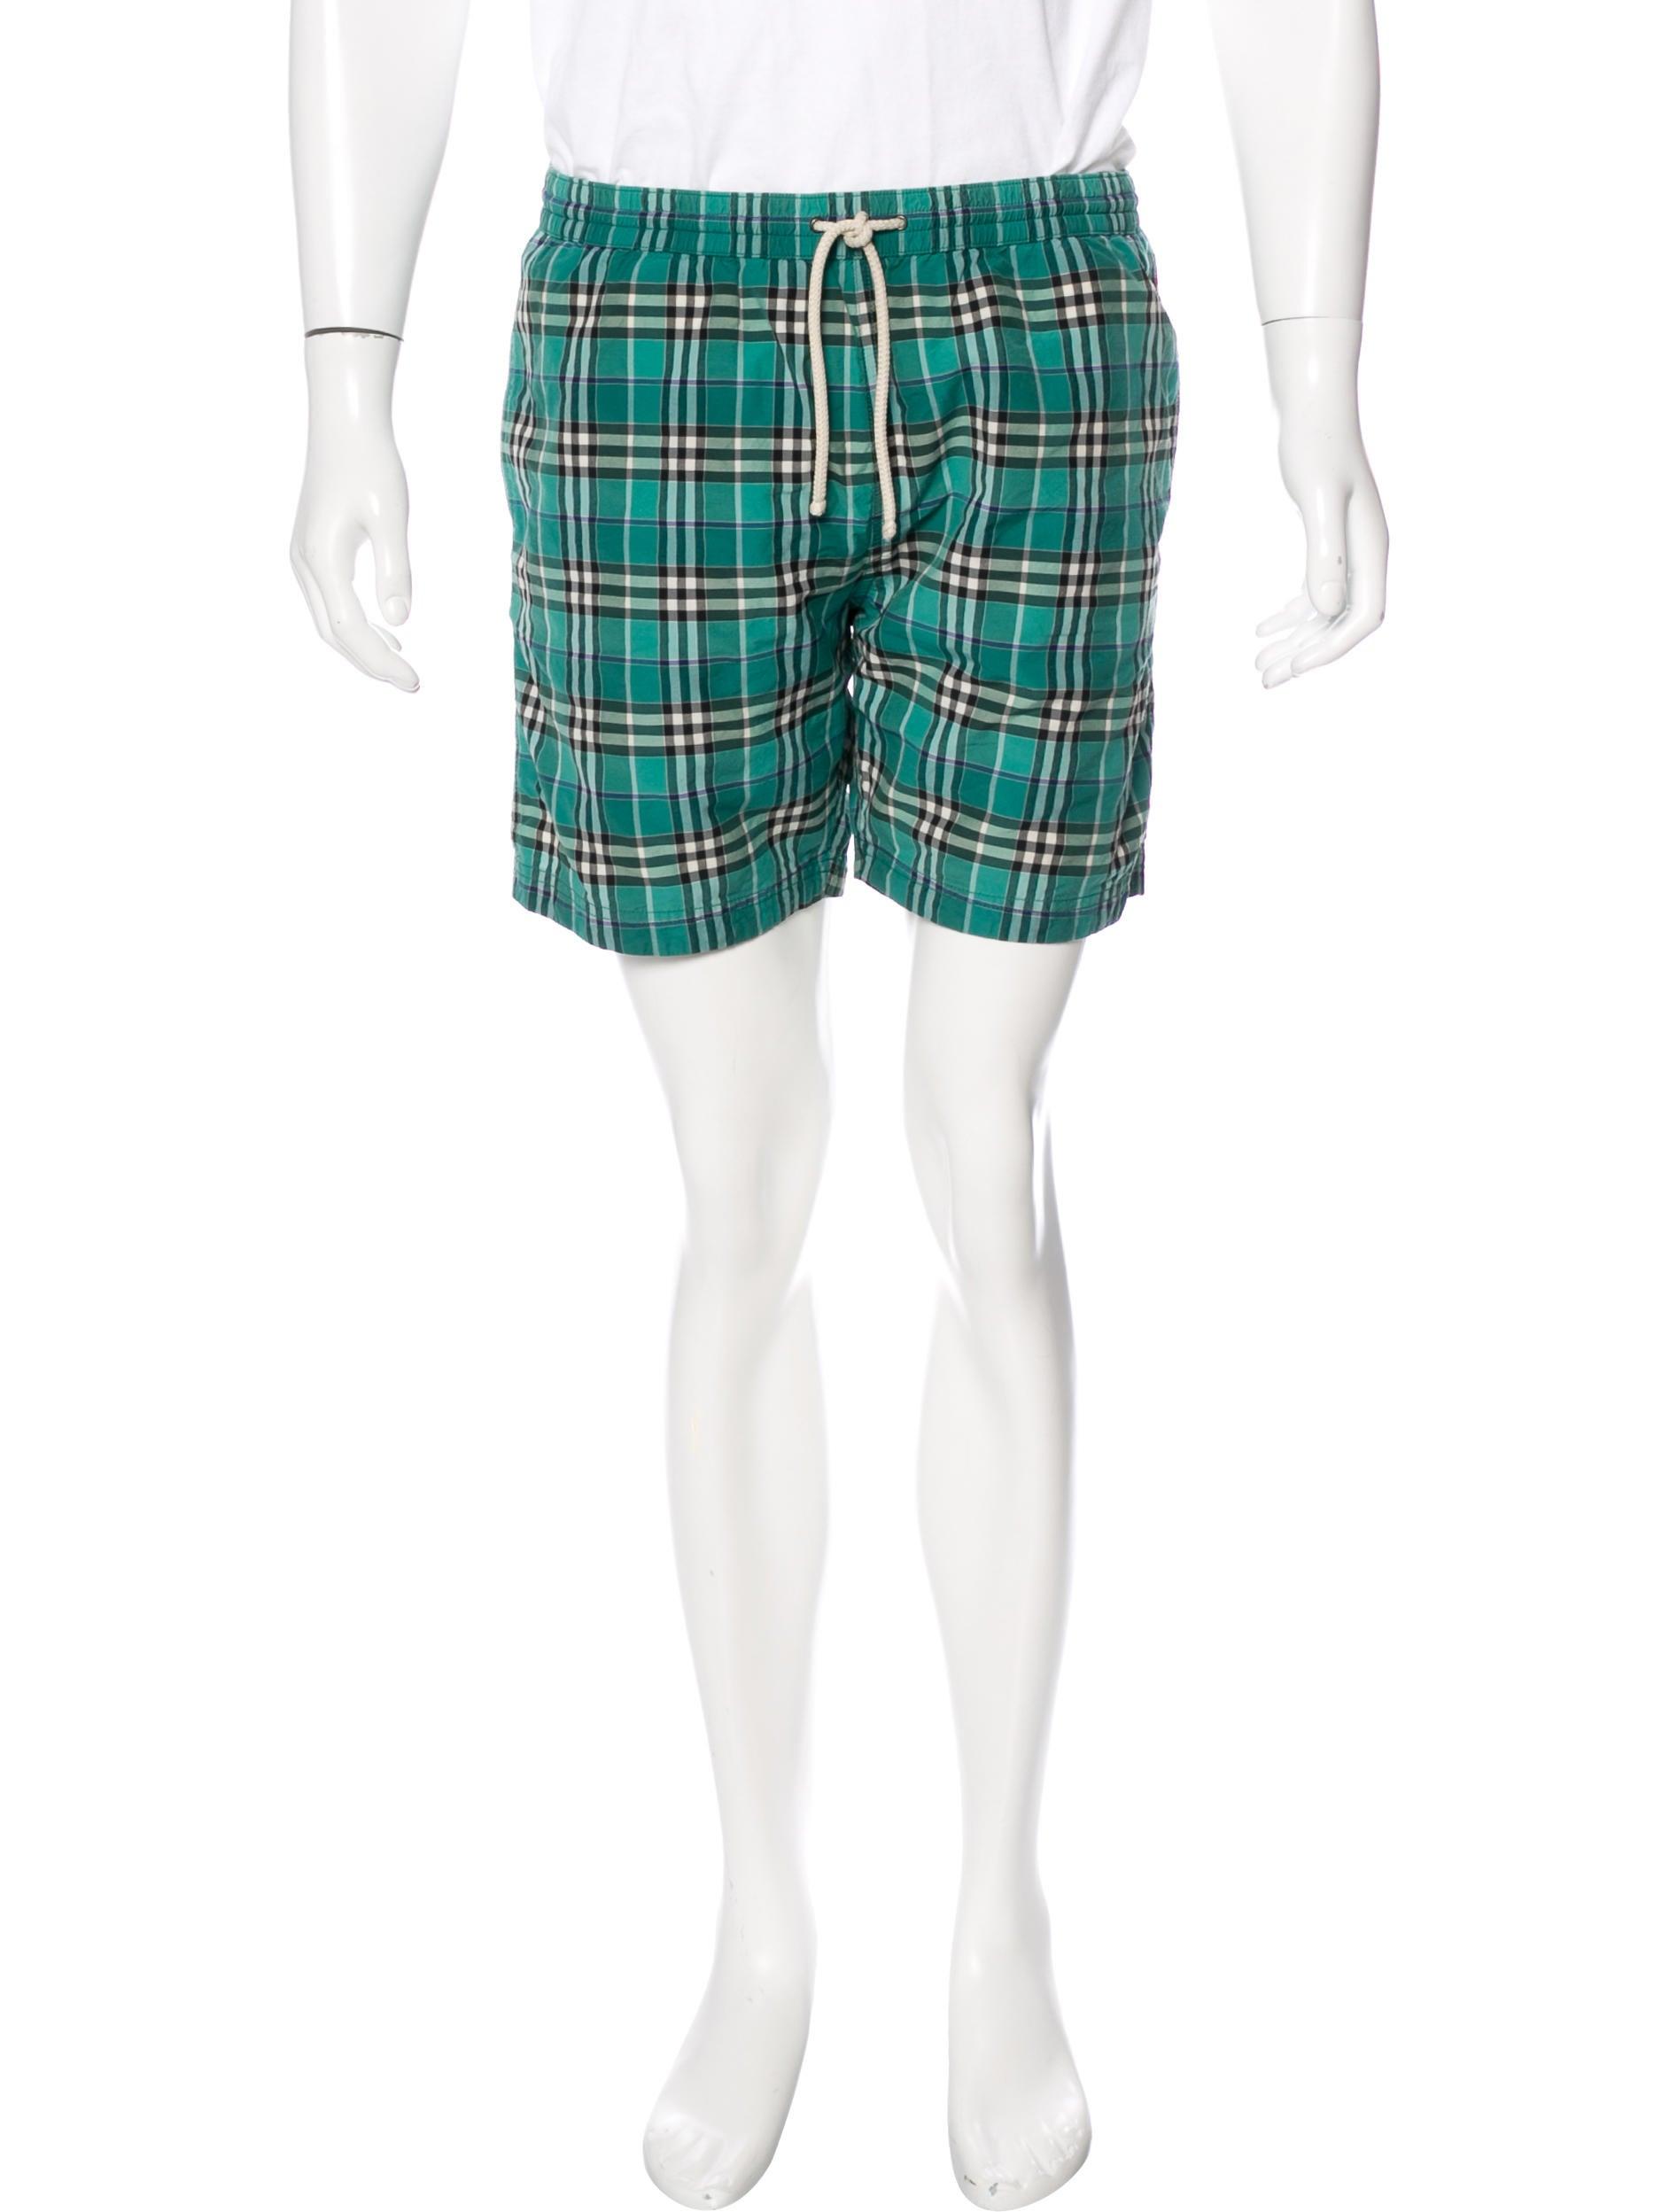 d8e041e2e1 Burberry Brit Nova Check Swim Trunks - Clothing - BBR29561 | The ...